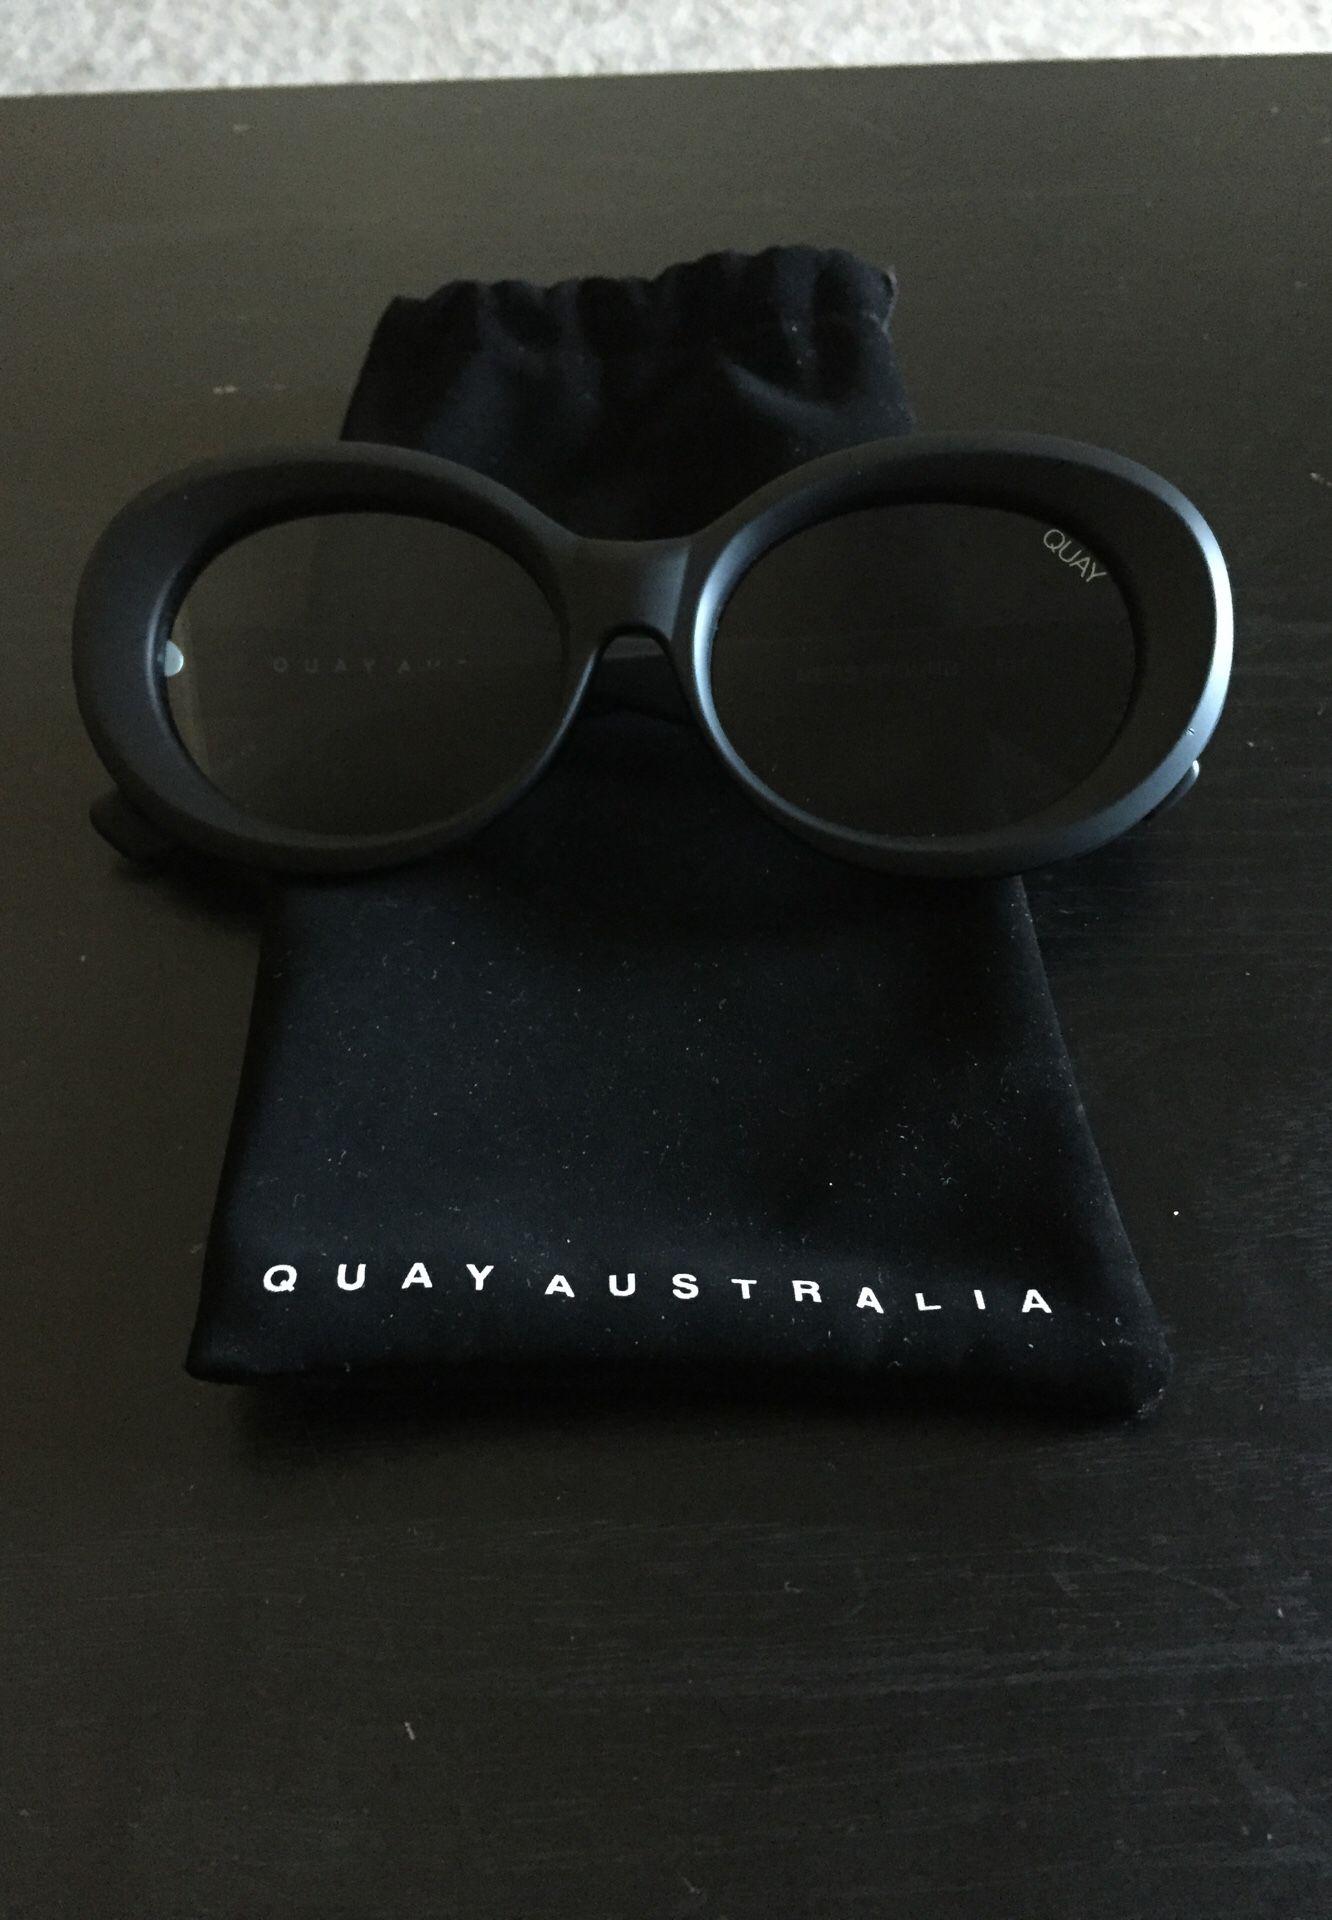 Quay Australia (matte black)